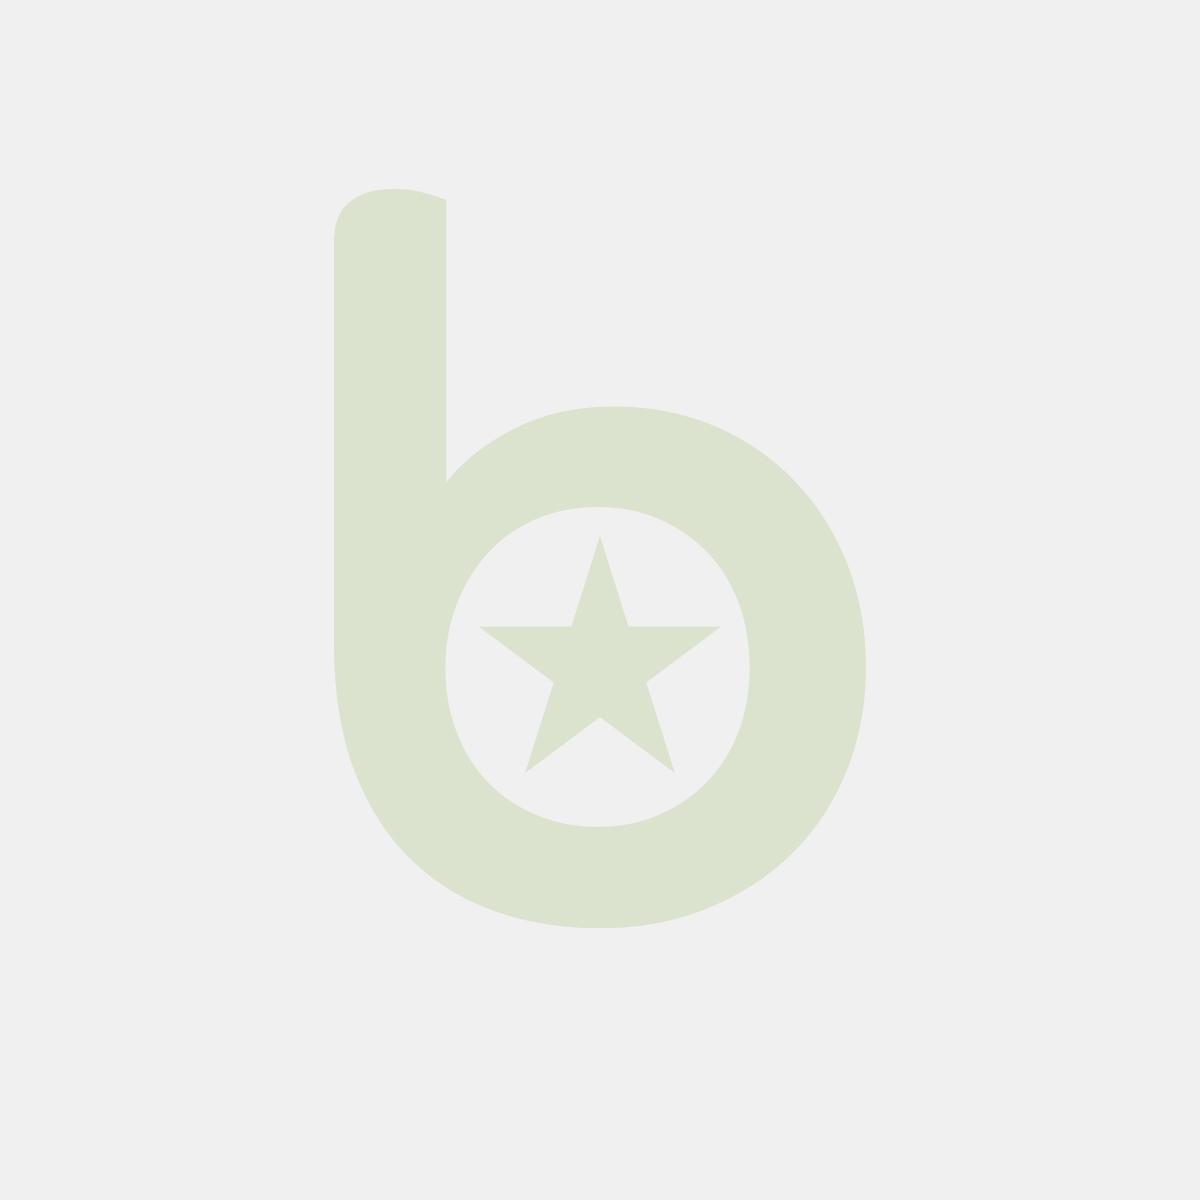 Pojemnik obiadowy do zgrzewu T B 227/178/1 H3 G h 3cm czarny, niedzielony, gładki METRO op. 320 sztuk